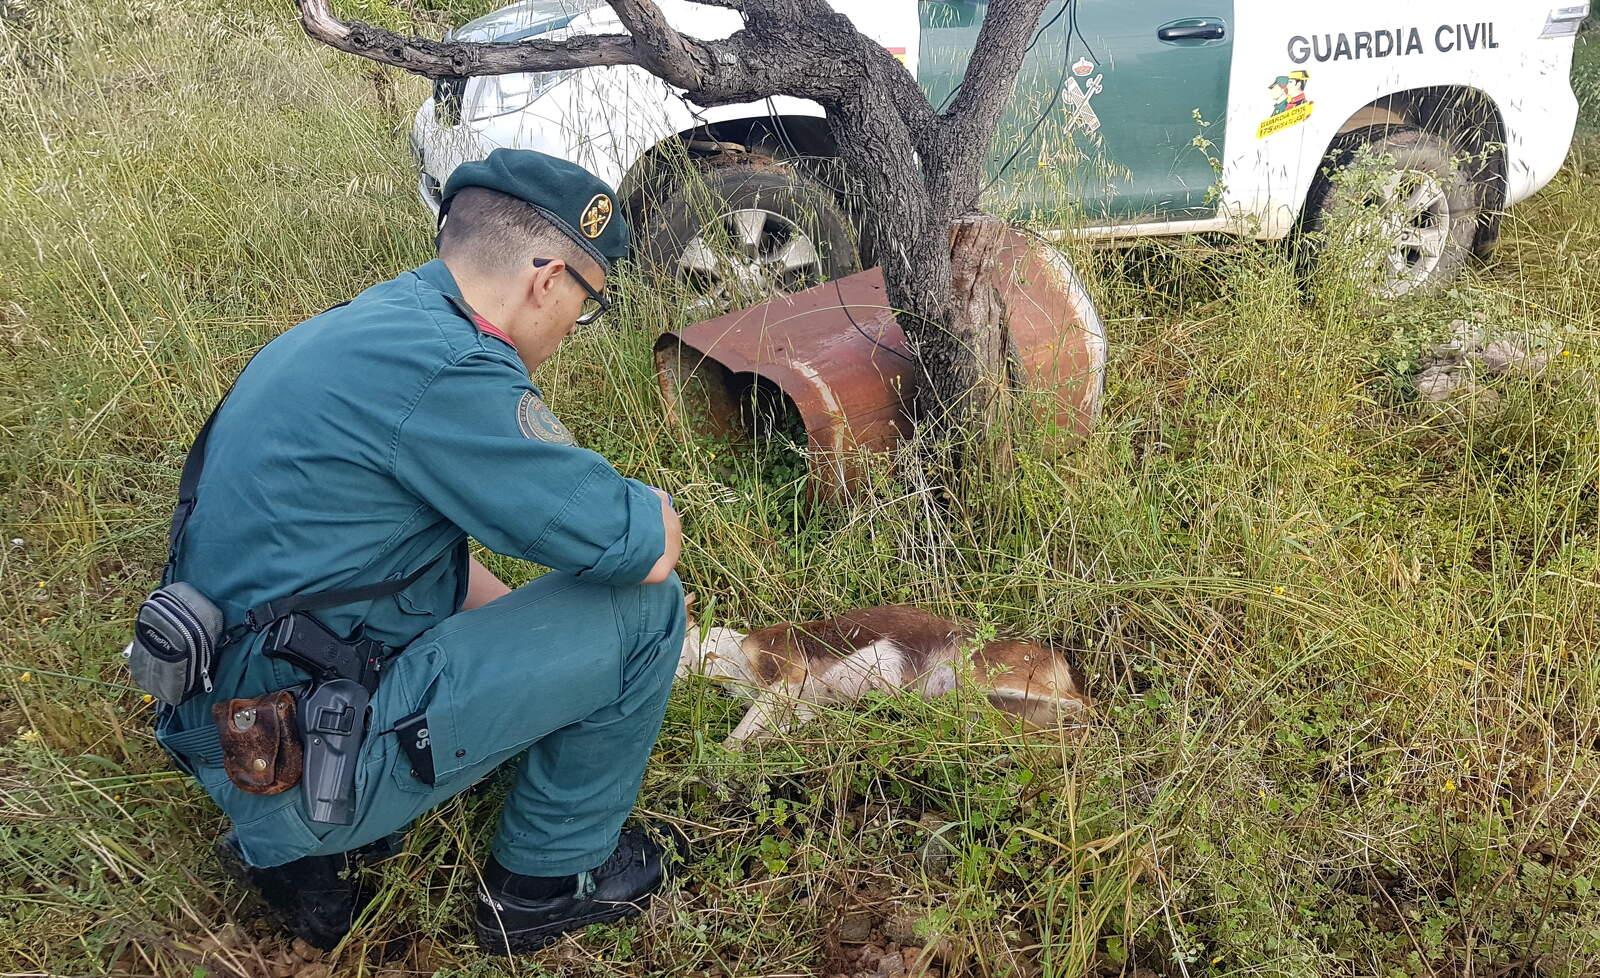 Un agent de la Guàrdia Civil agenollat al costat de la gossa morta